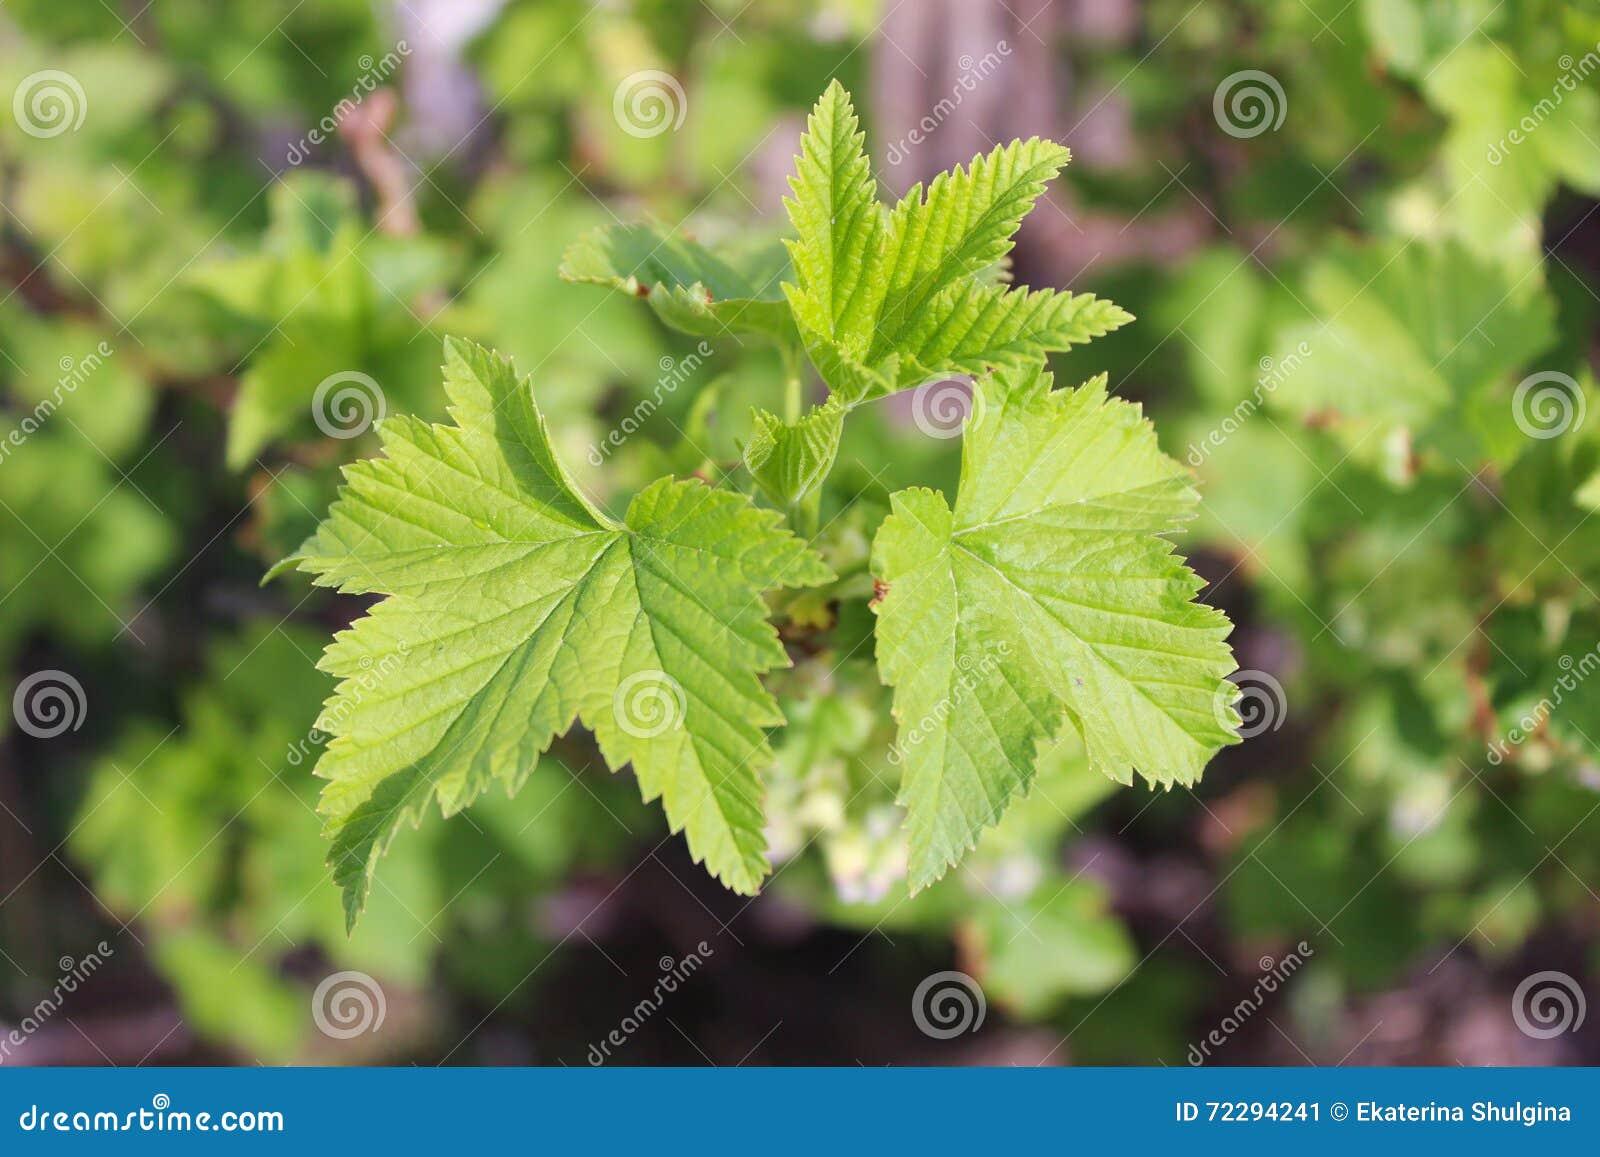 Download Листья смородины стоковое изображение. изображение насчитывающей трава - 72294241